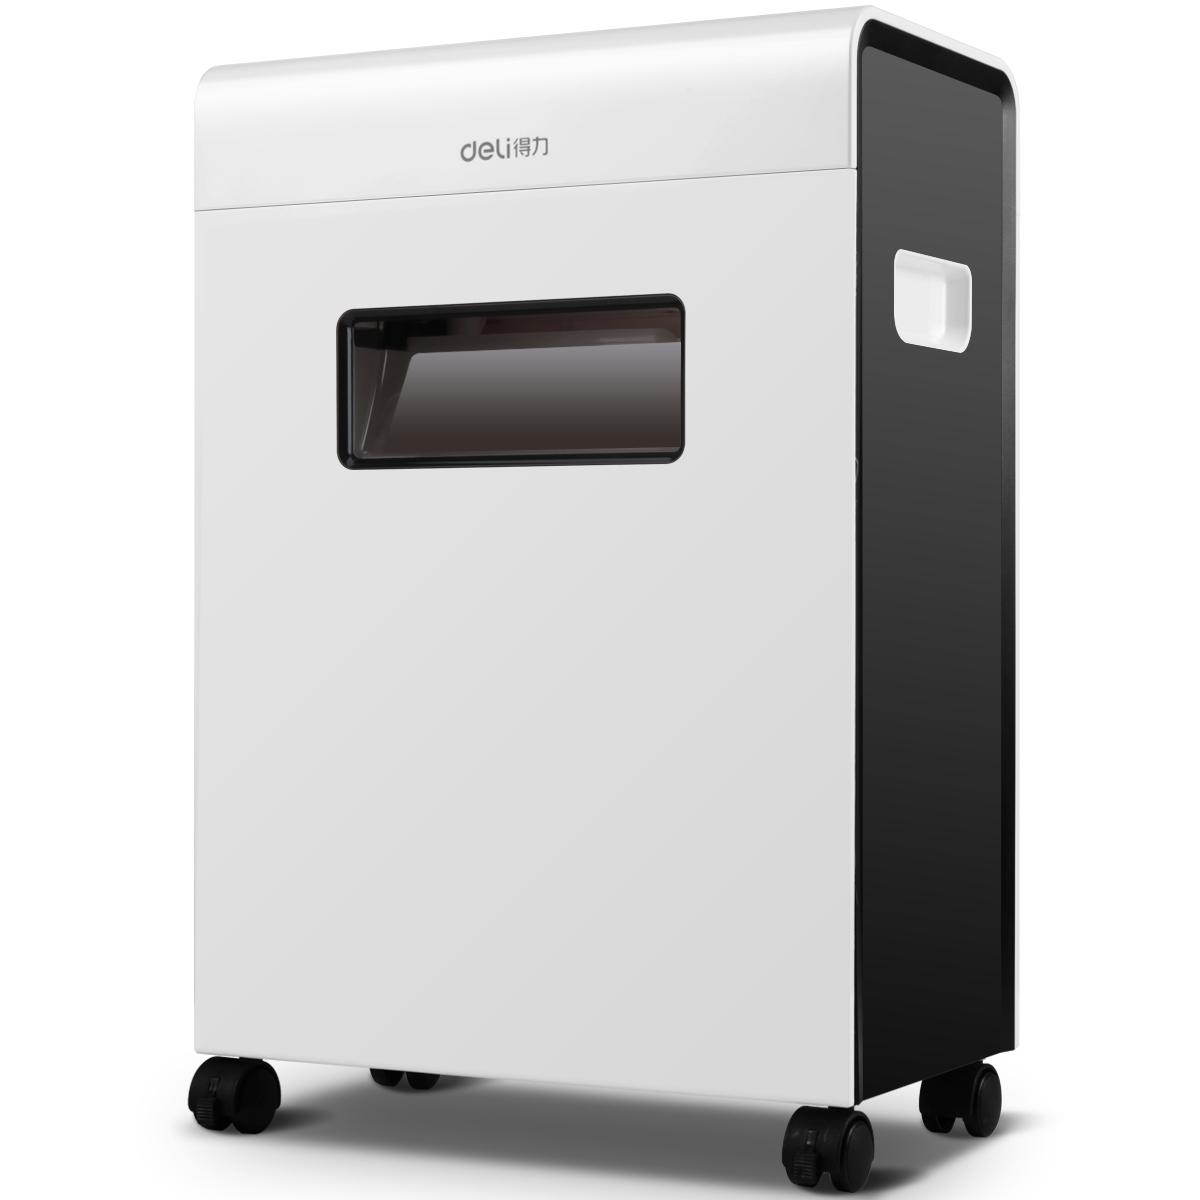 Máy hủy tài liệu thông minh hiệu quả 9901 văn phòng kinh doanh bí mật 5 cấp giấy tự động nạp năng lượng cao câm công suất lớn - Máy hủy tài liệu